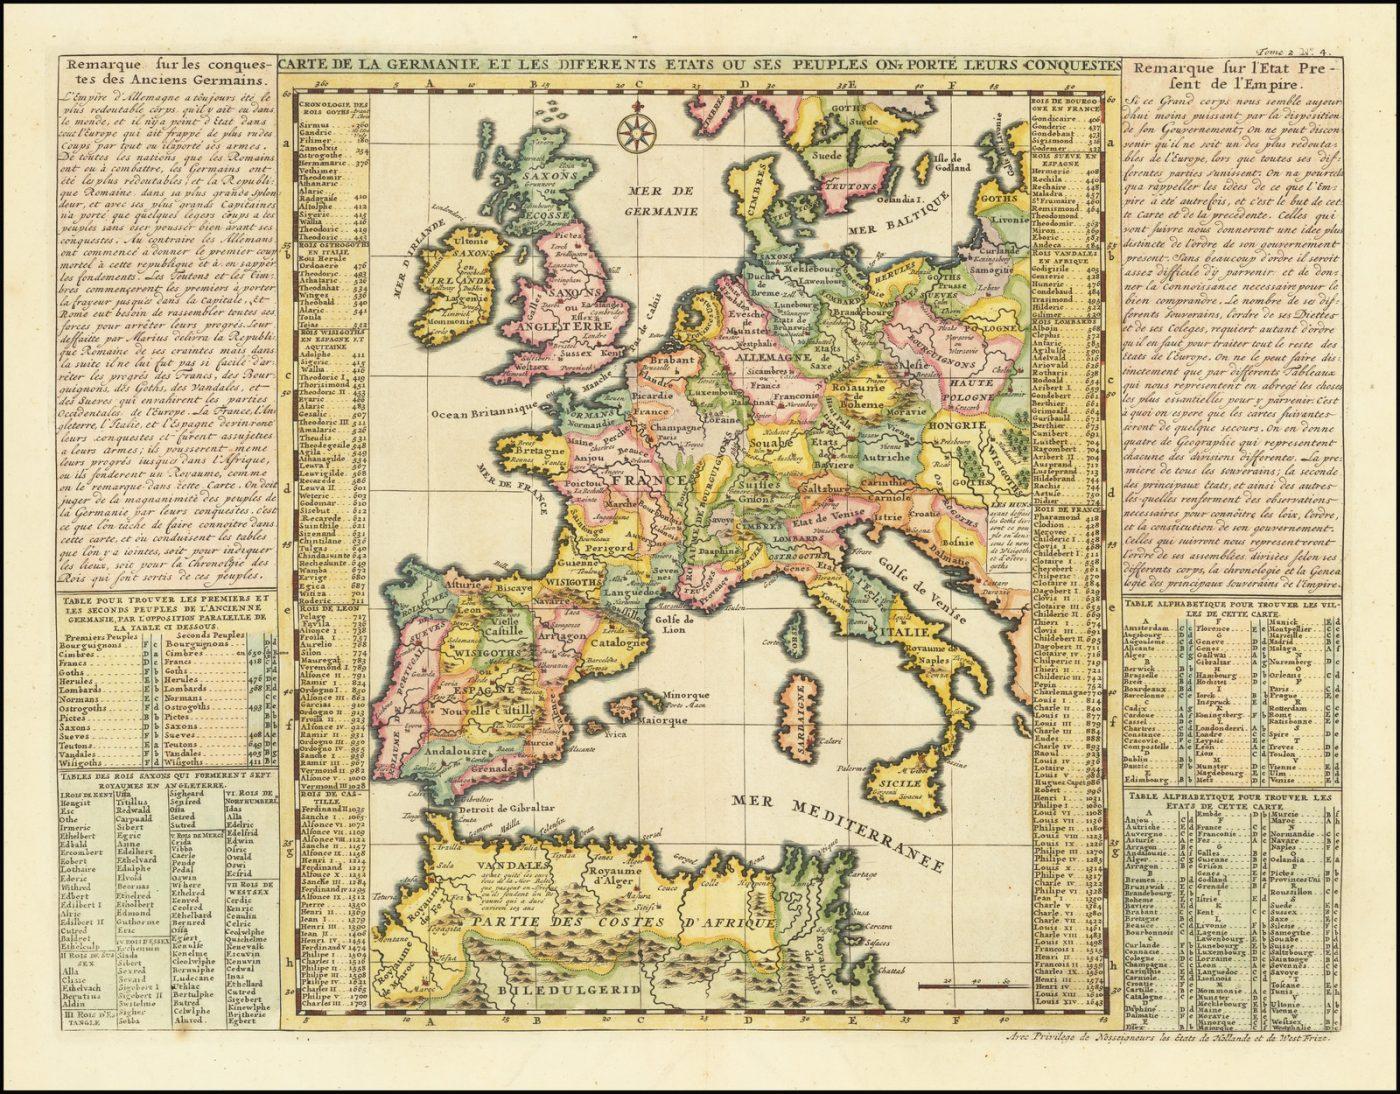 Средневековая история немецких завоеваний в Европе на карте Шатлена